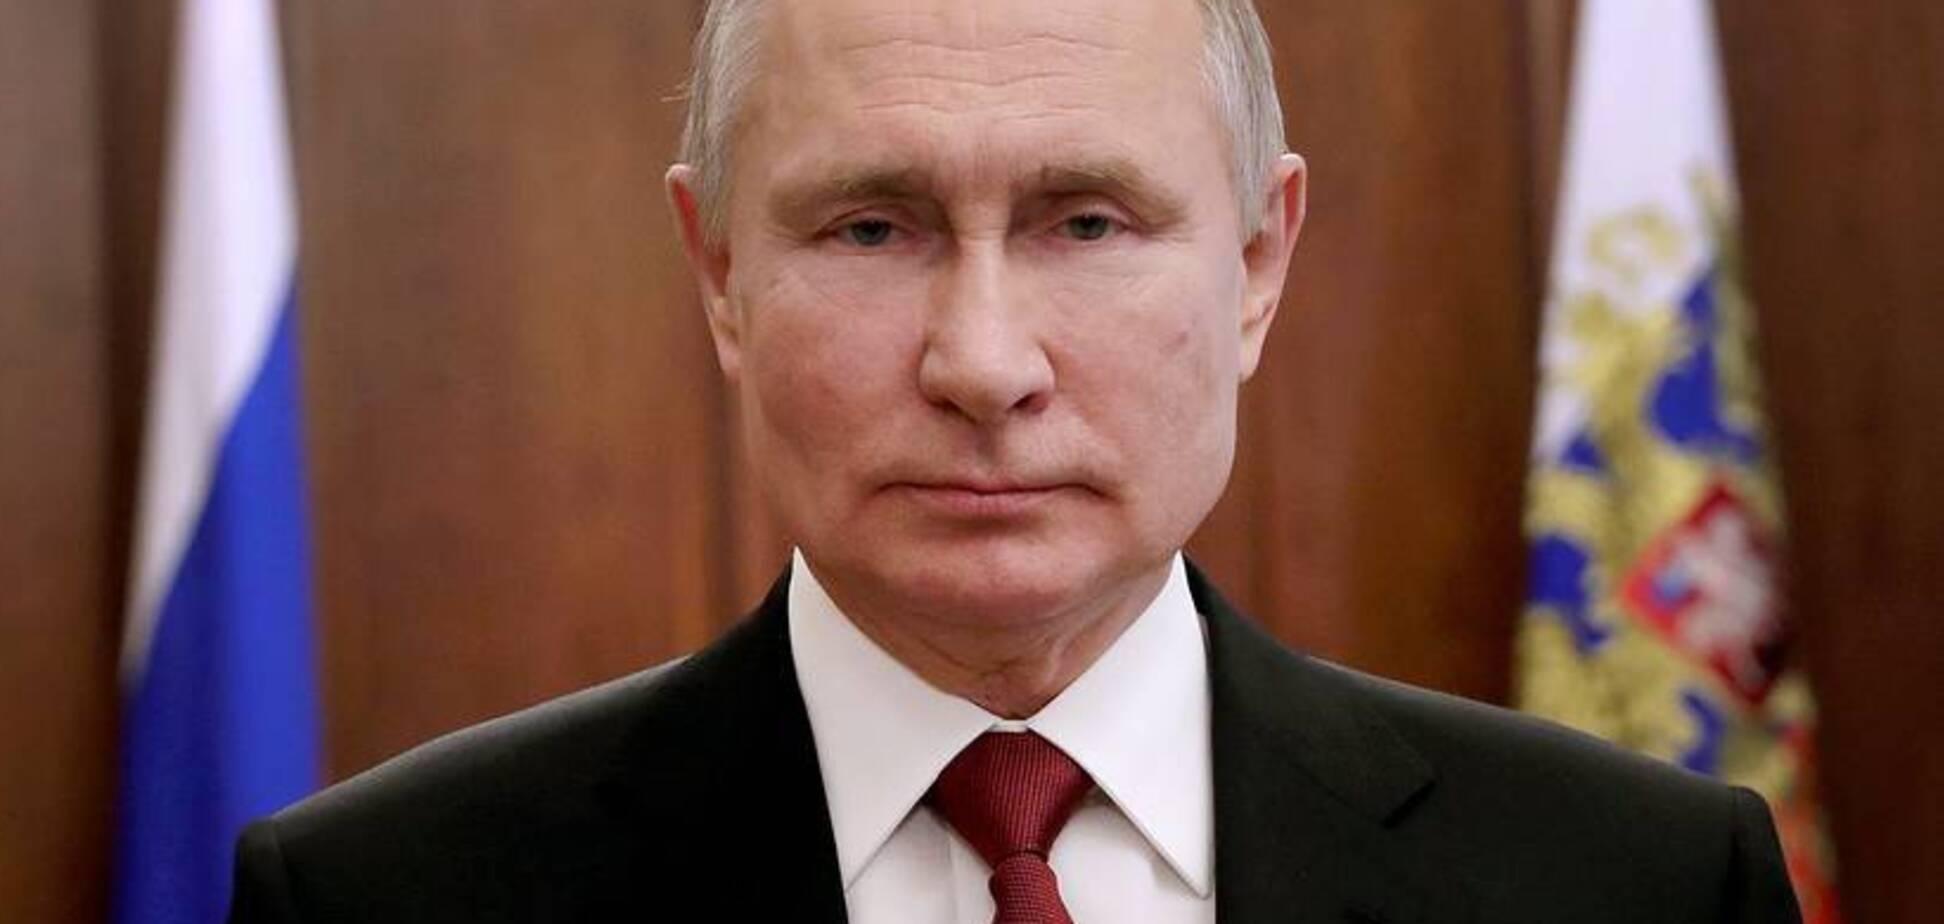 Путин поздравил украинцев с годовщиной победы над нацизмом, проигнорировав Зеленского